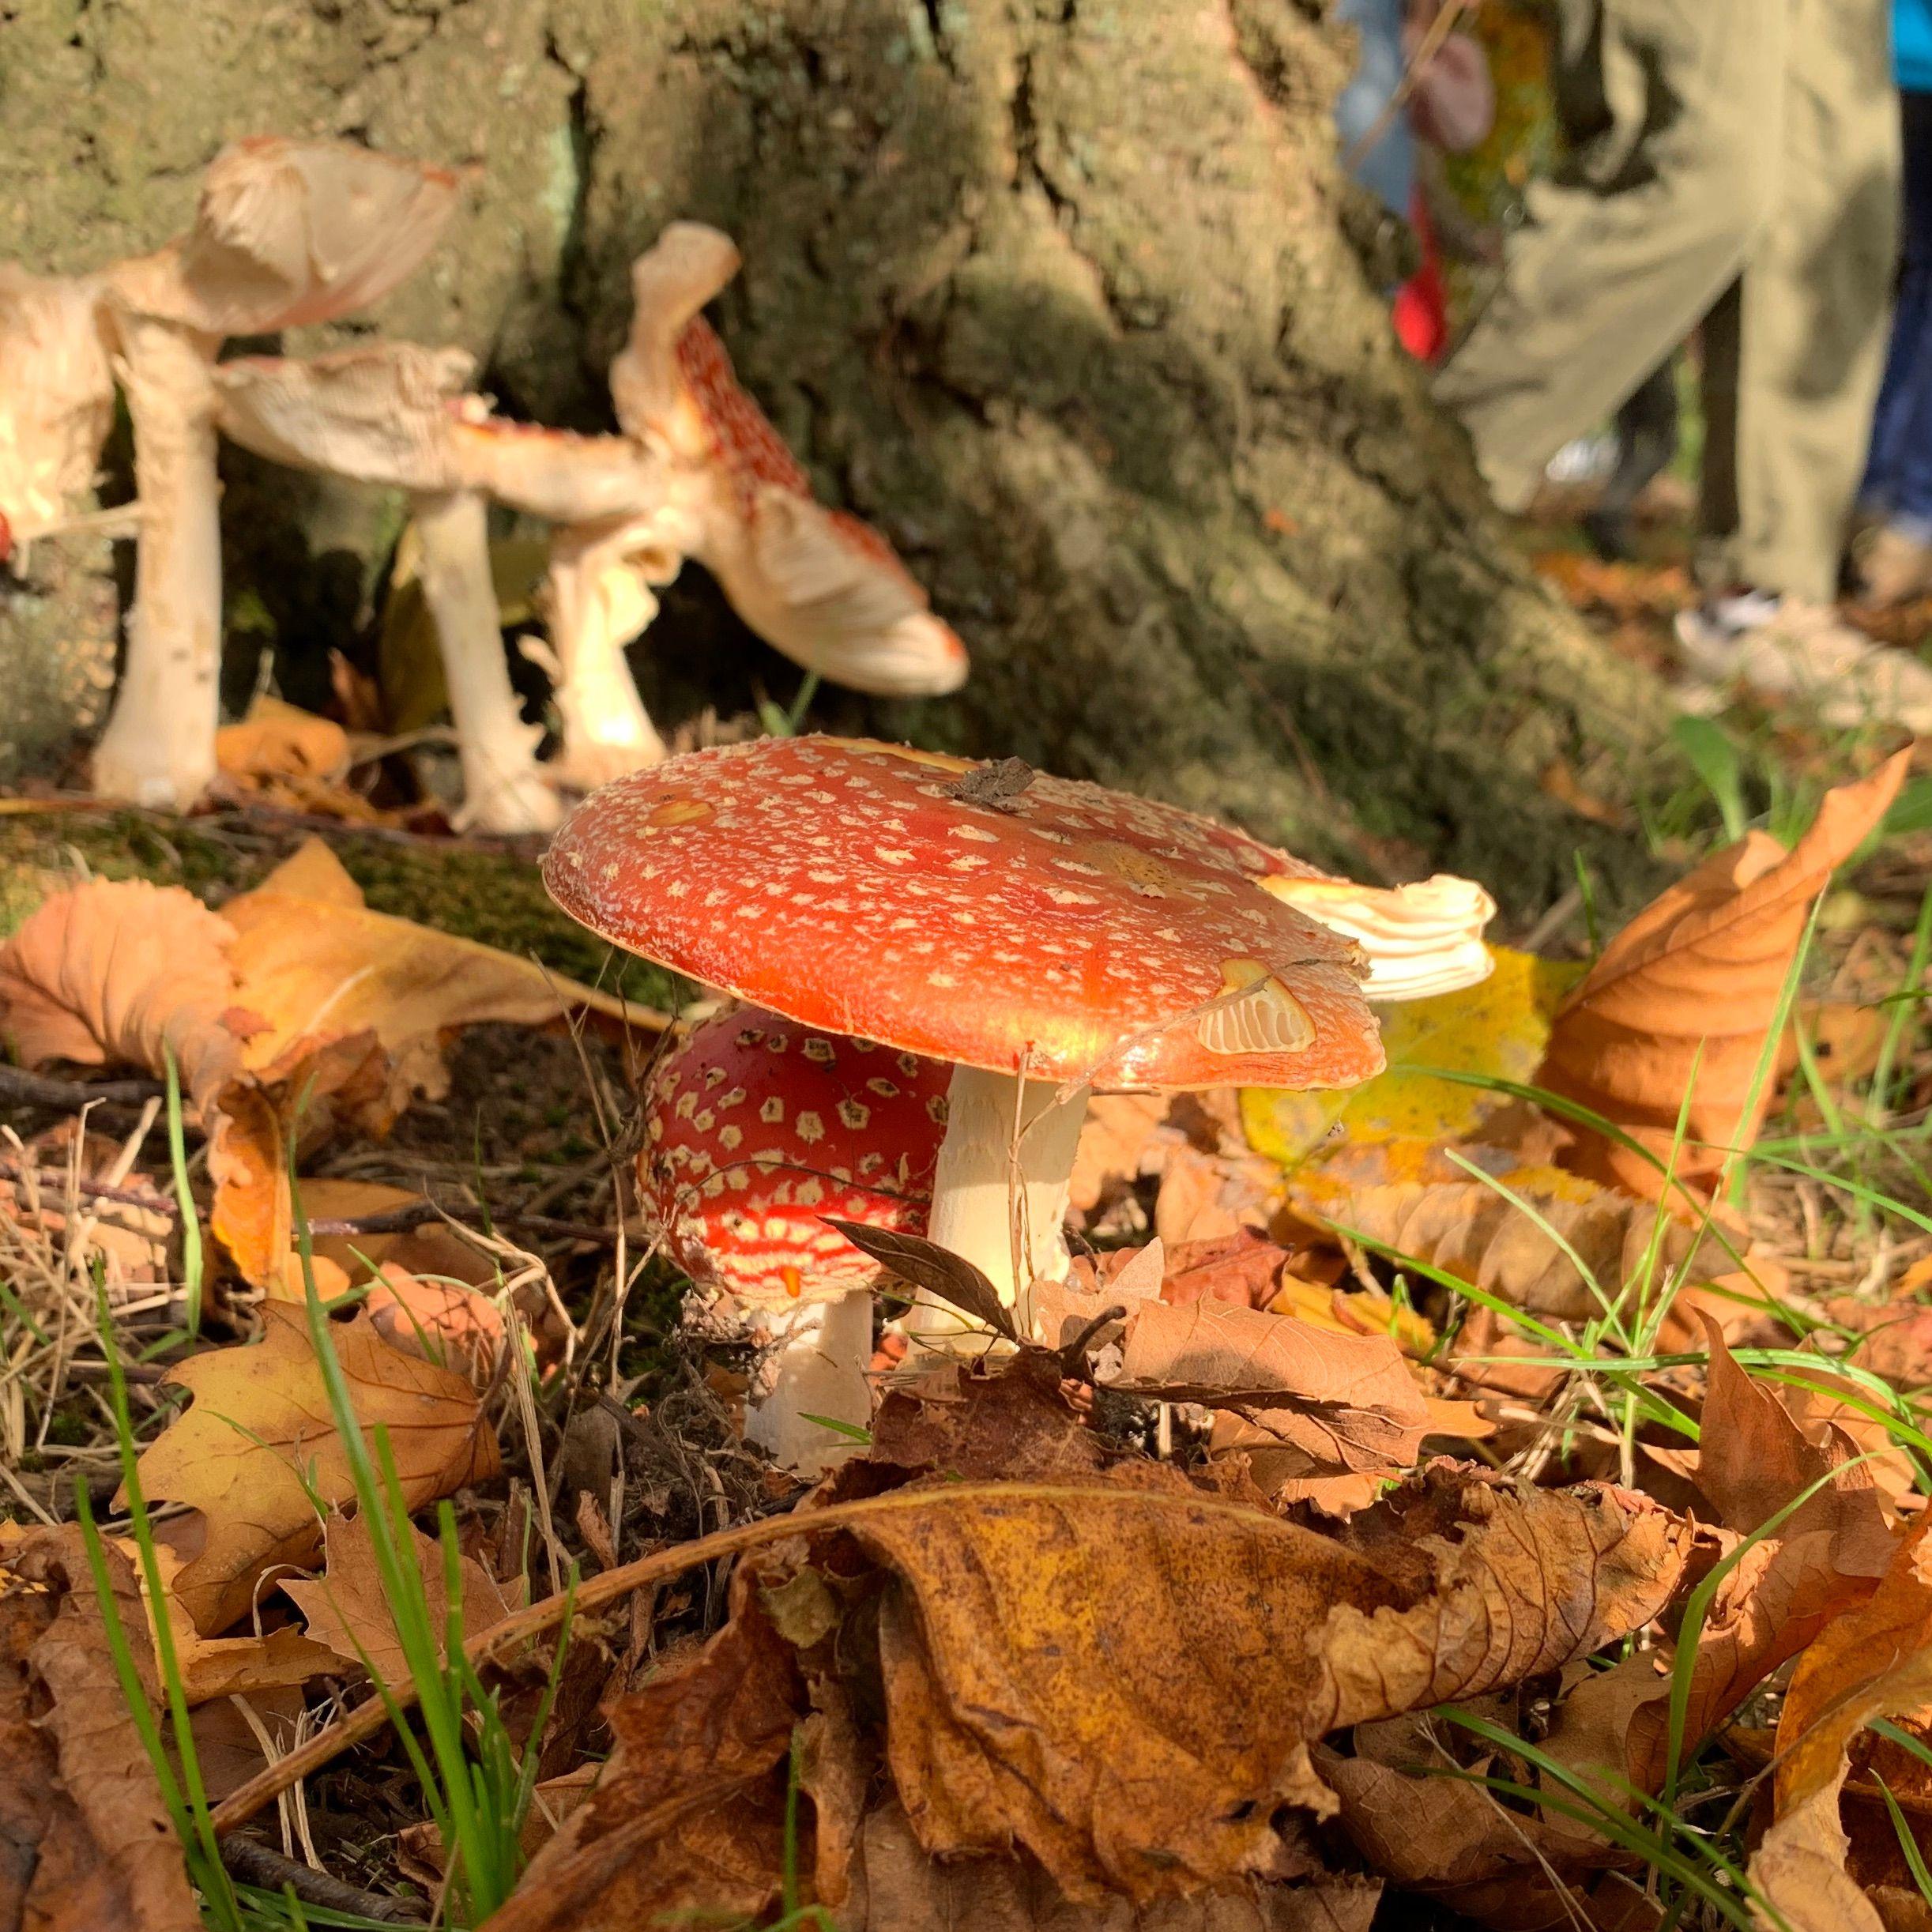 Herfstpaddenstoelen